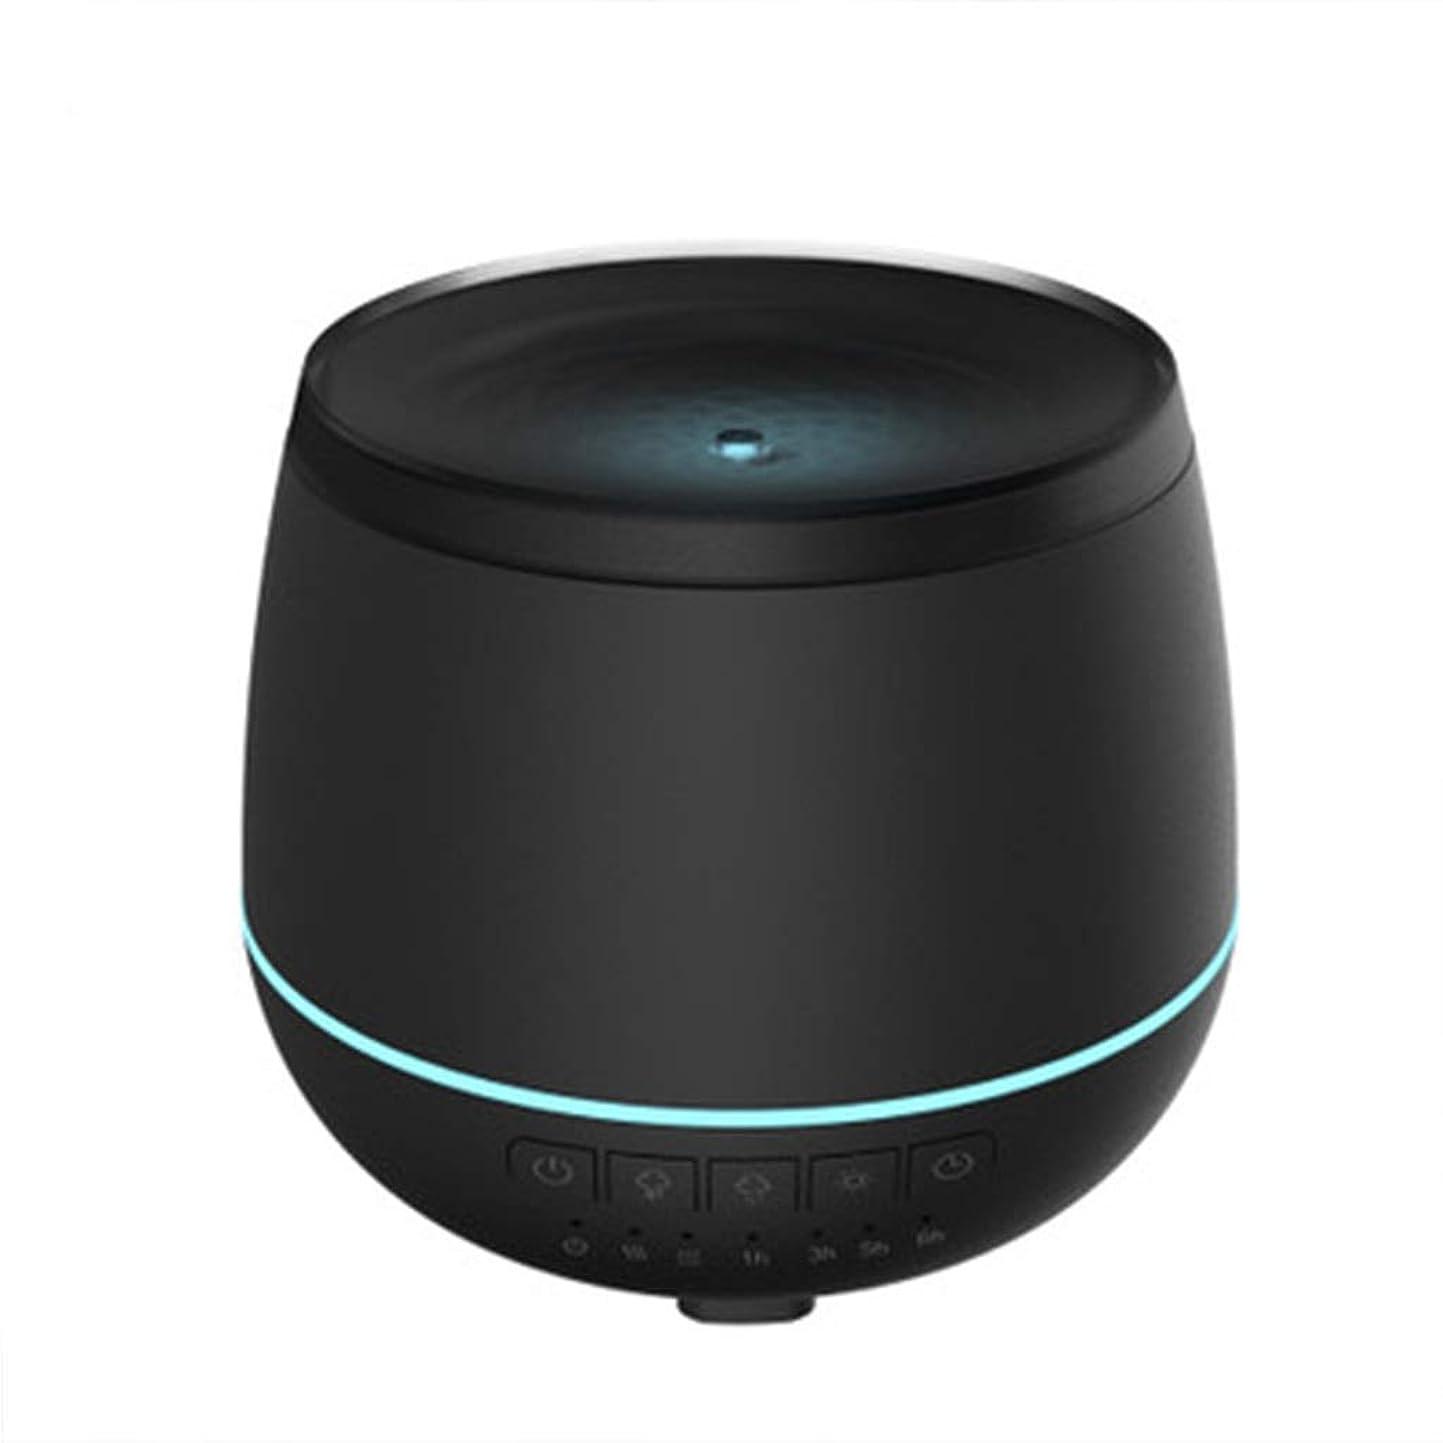 構築する静的落胆する加湿器スマートブルートゥーススピーカーオーディオ超音波炉エッセンシャルオイルナイトライトミュートホームオフィス (Color : Black)